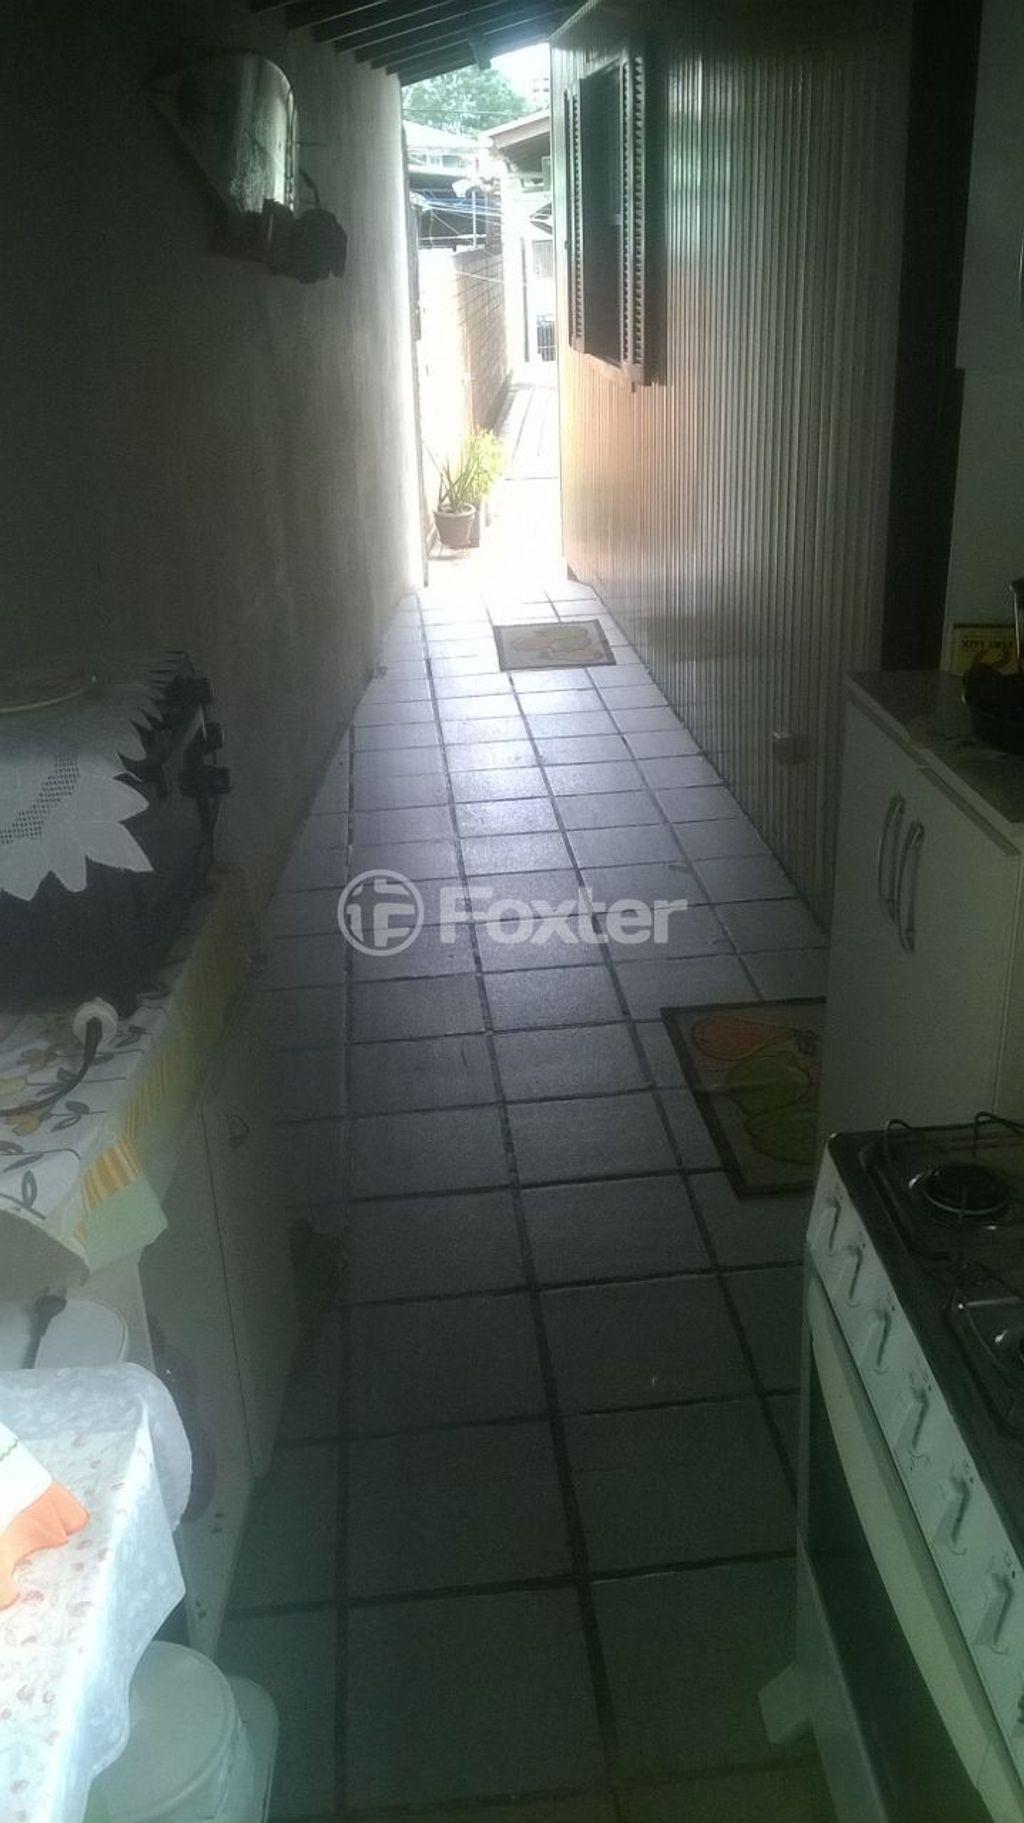 Foxter Imobiliária - Terreno 3 Dorm, Centro - Foto 17